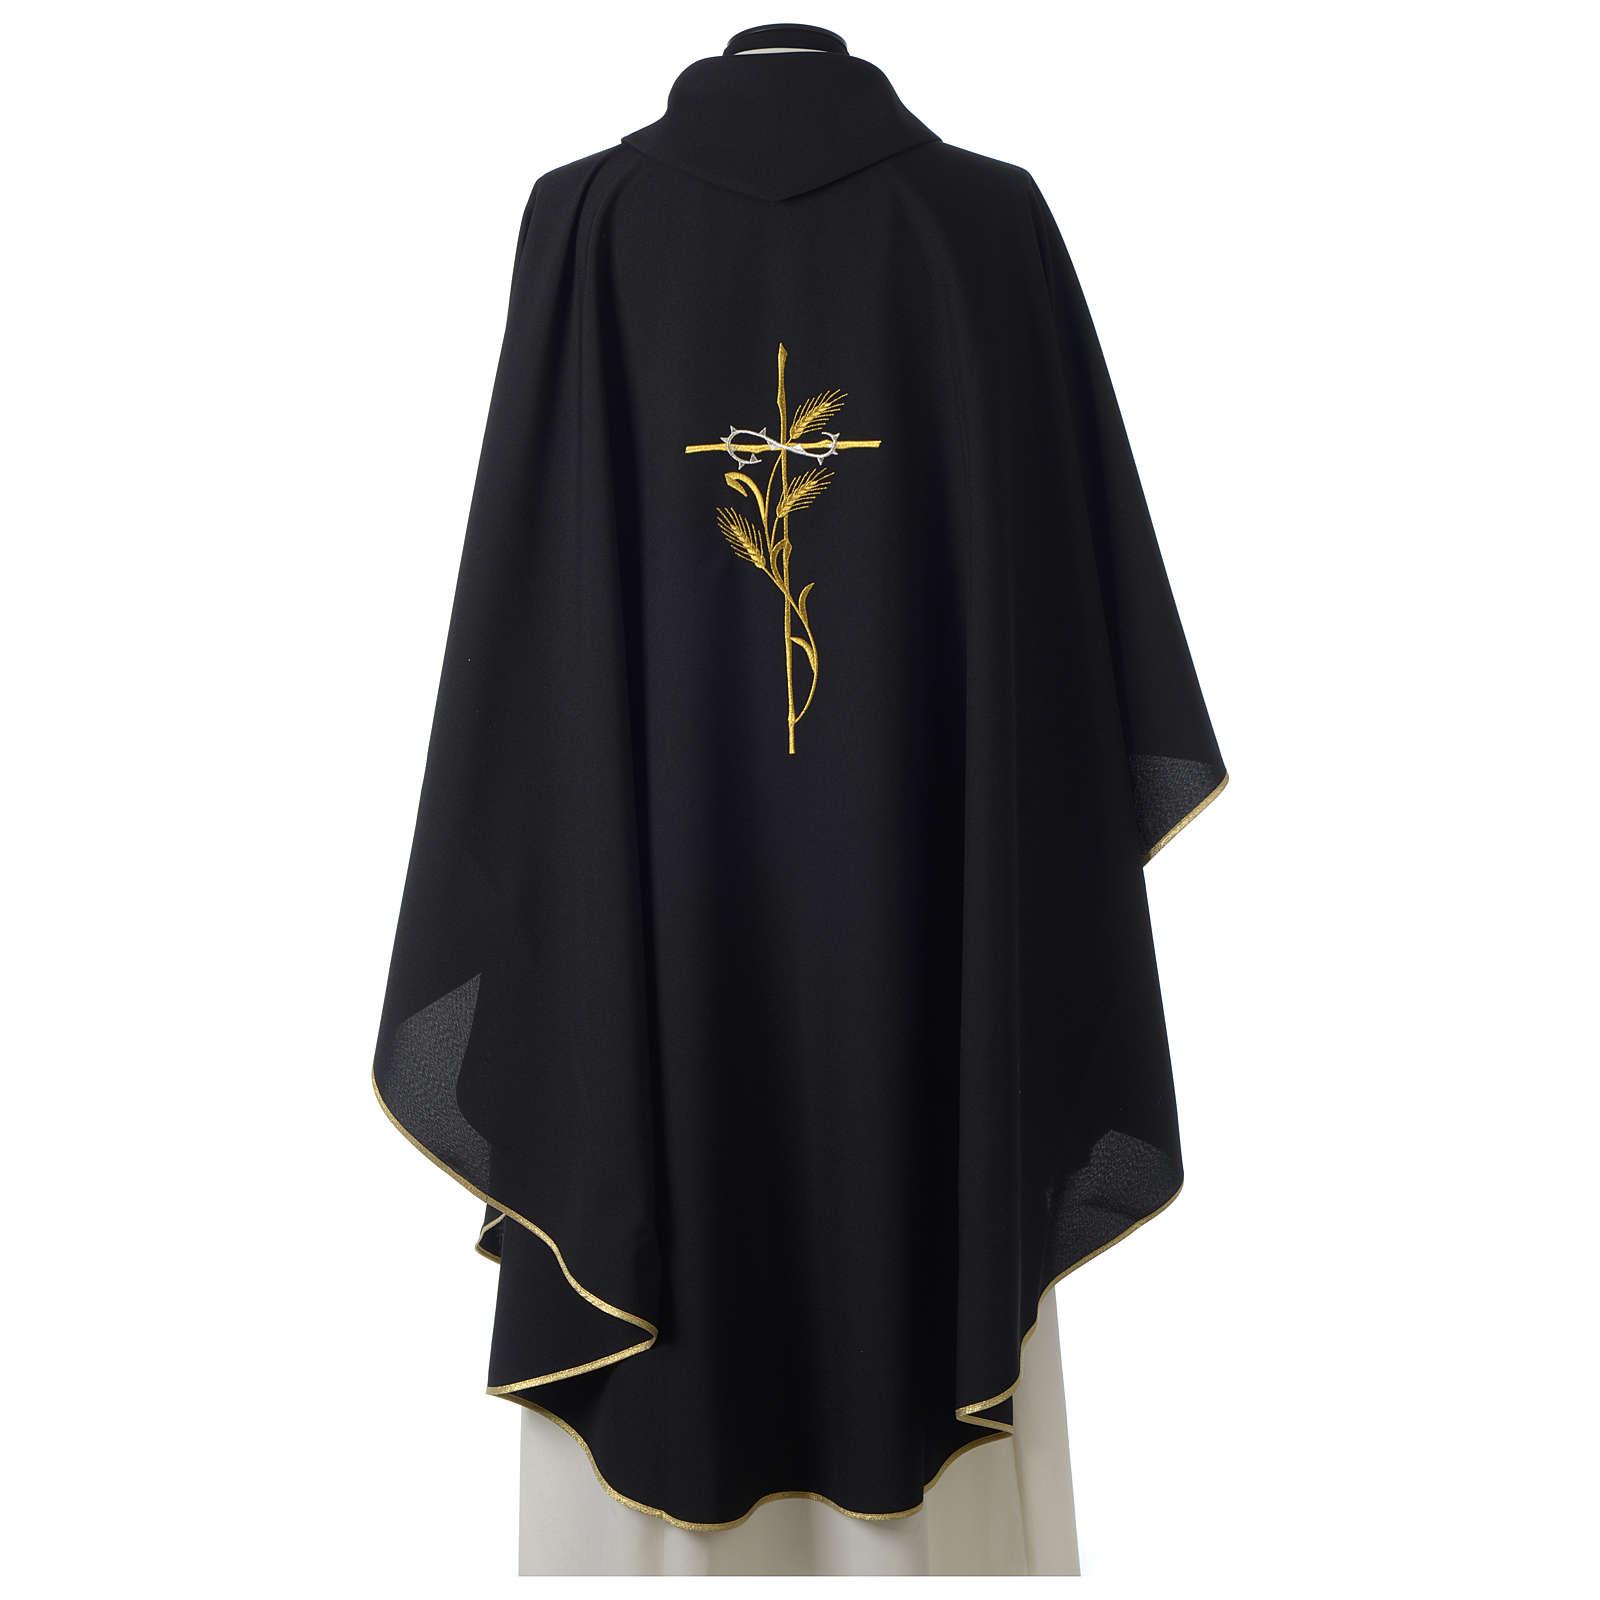 Casulla 100% poliéster bordado cruz espiga corona espinas negro 4